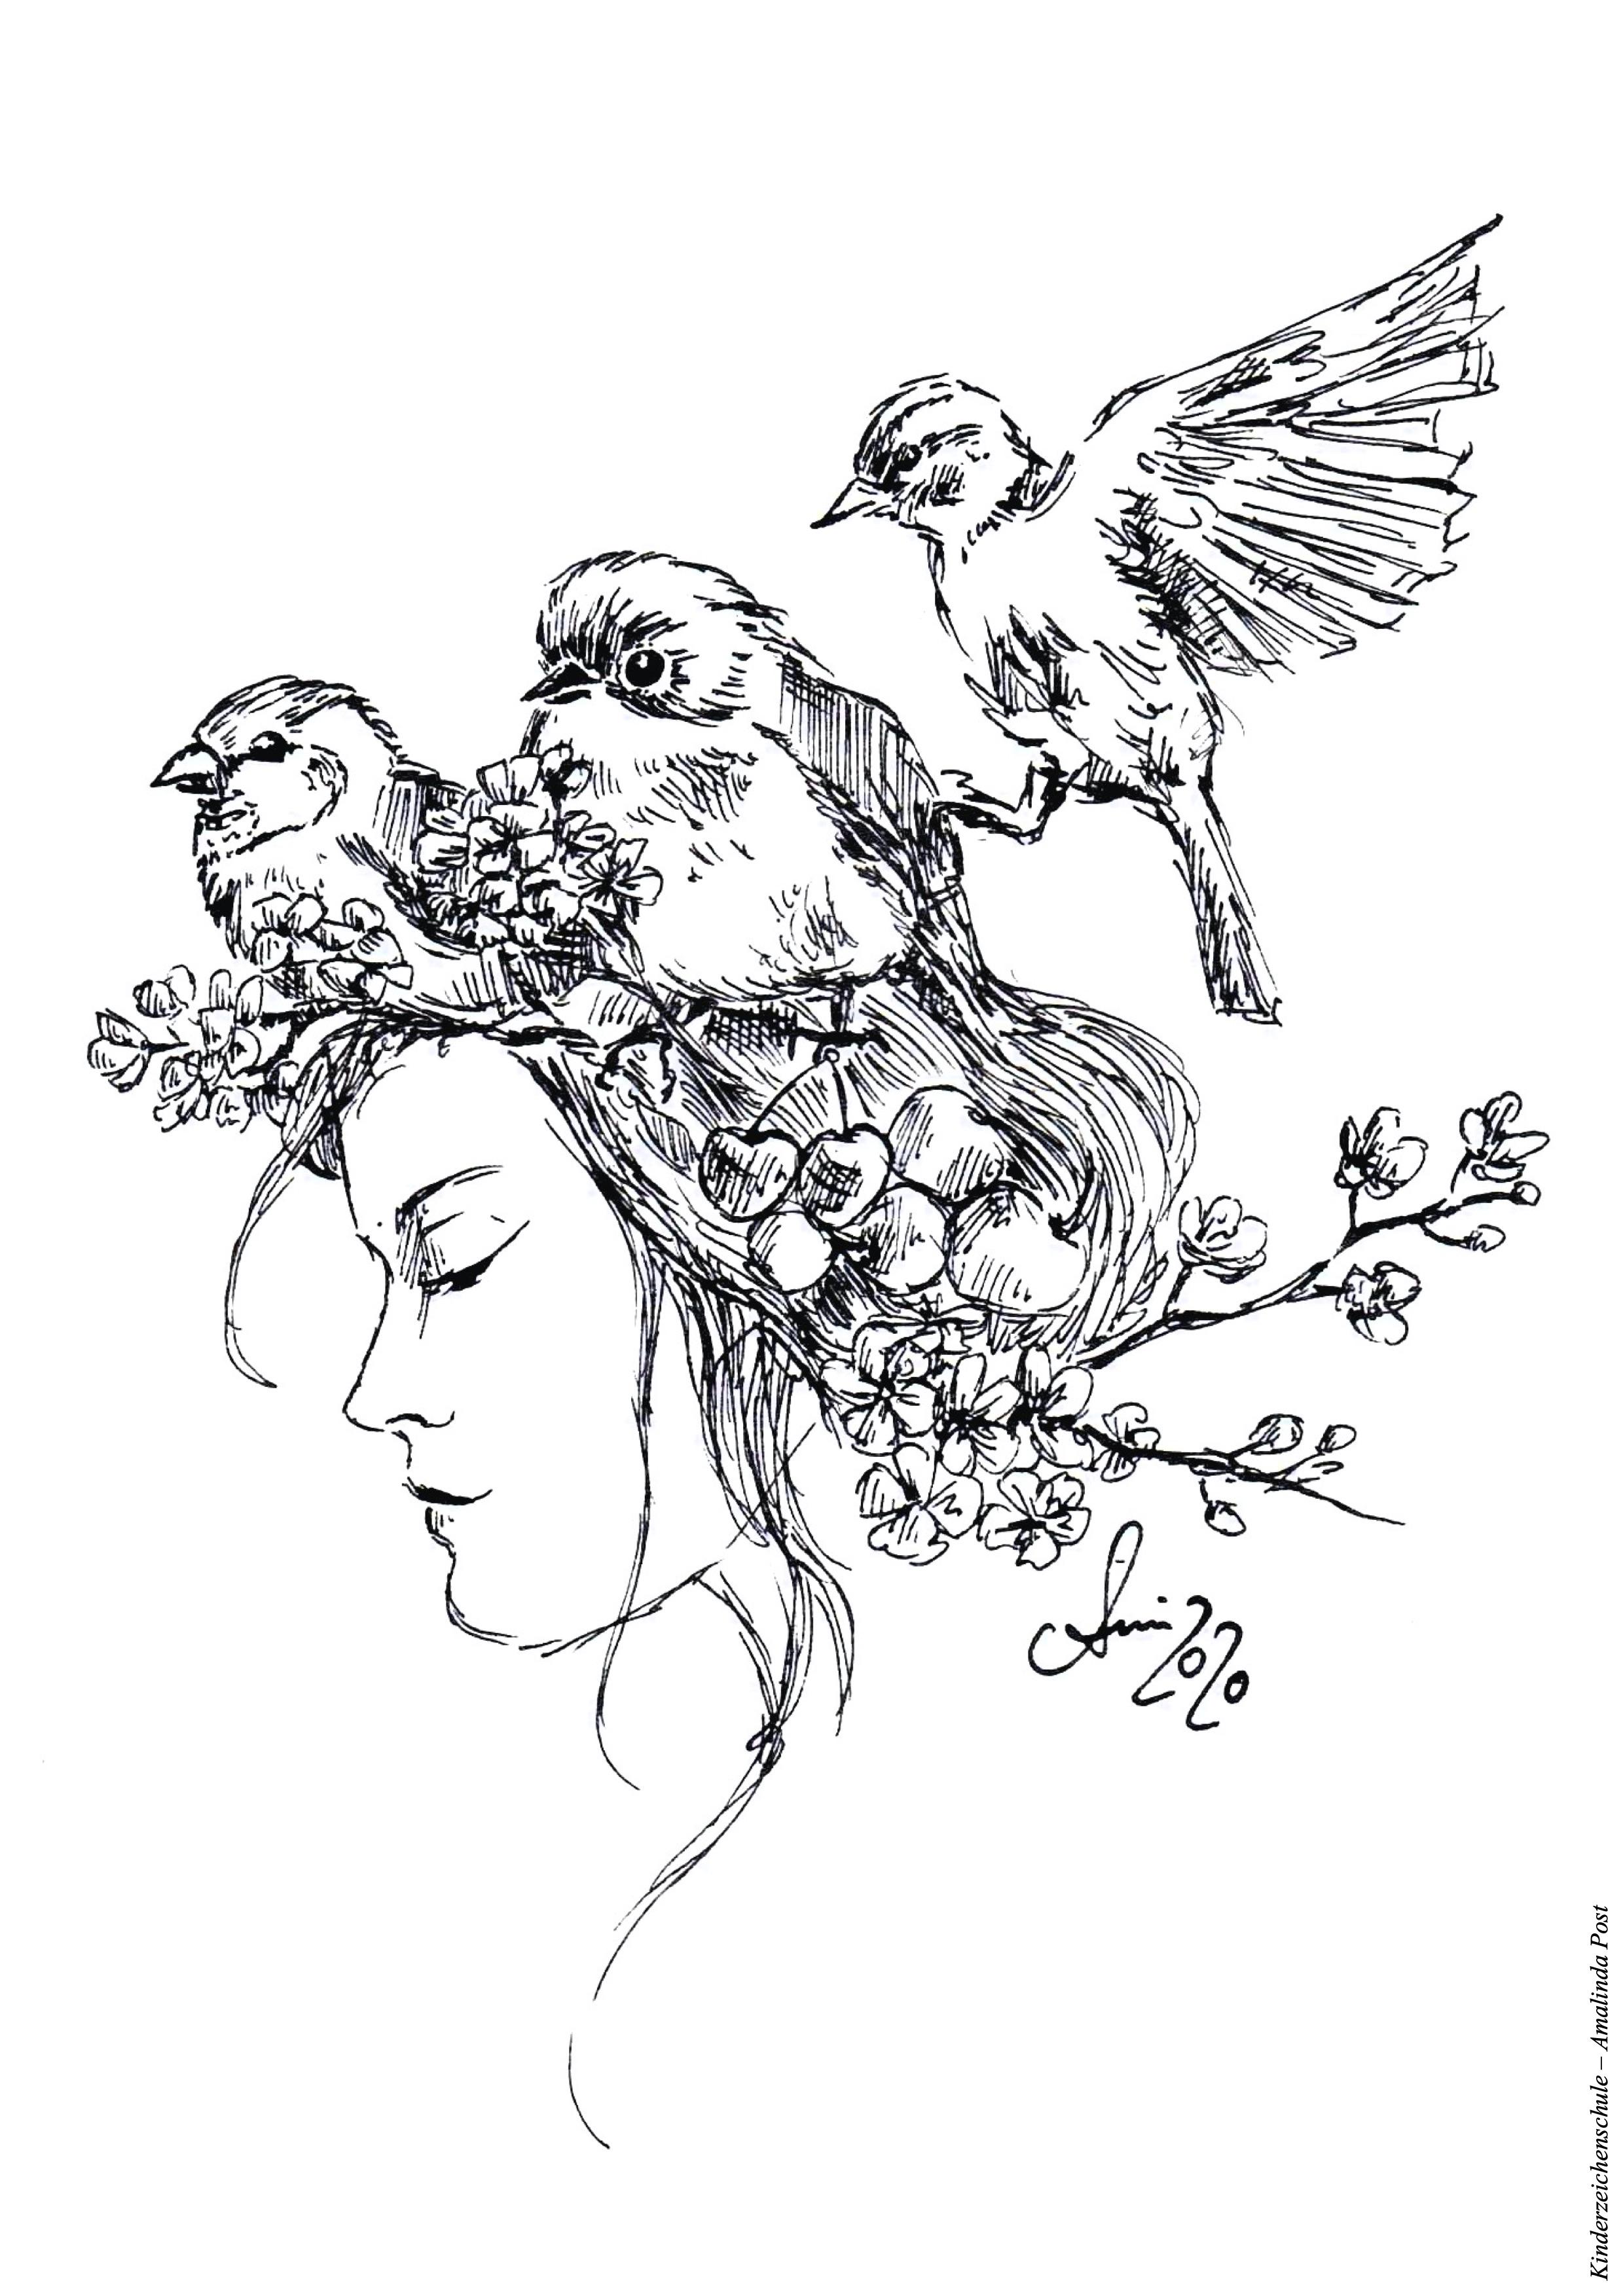 Ausmalbild von Vögeln und Frühling